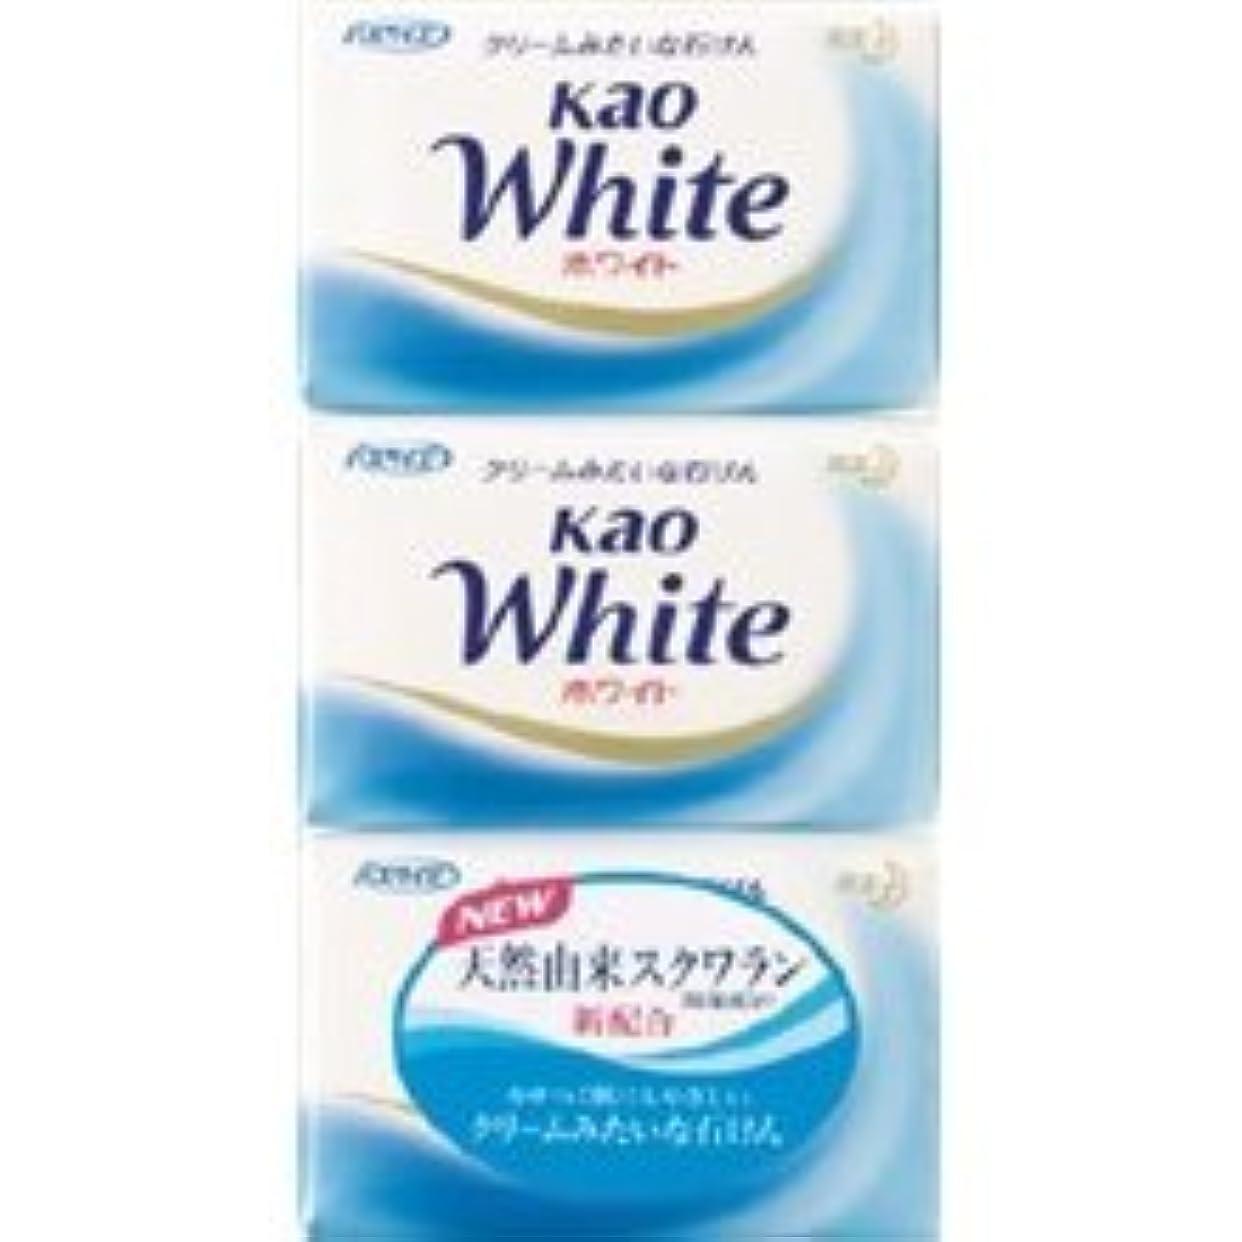 恐れ真っ逆さま追放する【花王】花王ホワイト バスサイズ (130g×3個) ×20個セット